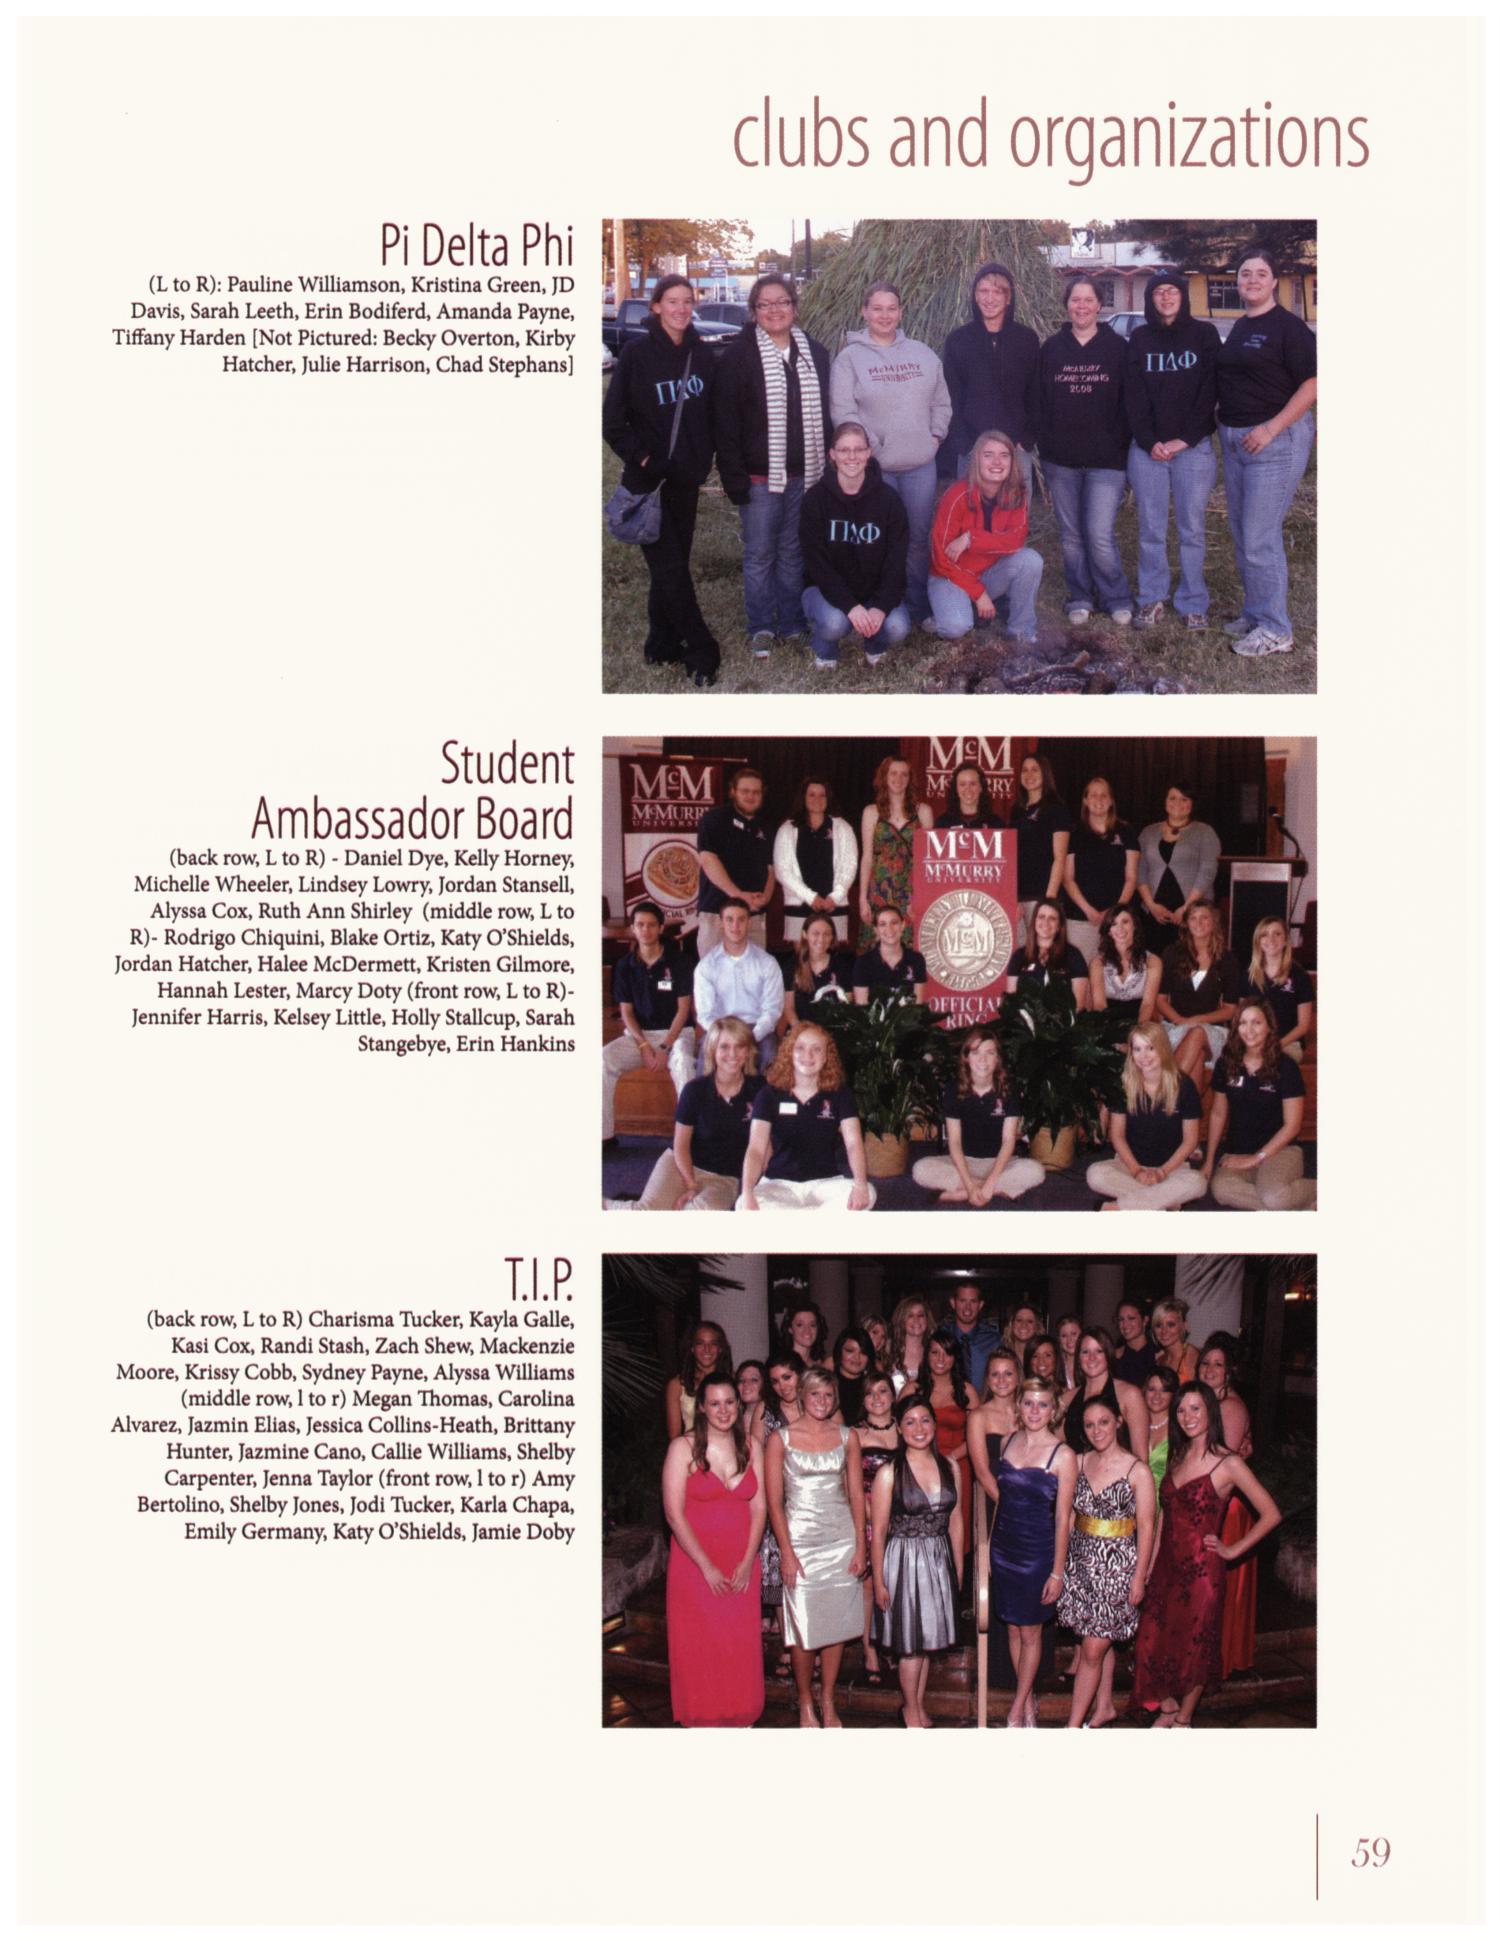 Társkereső oldalak 35+